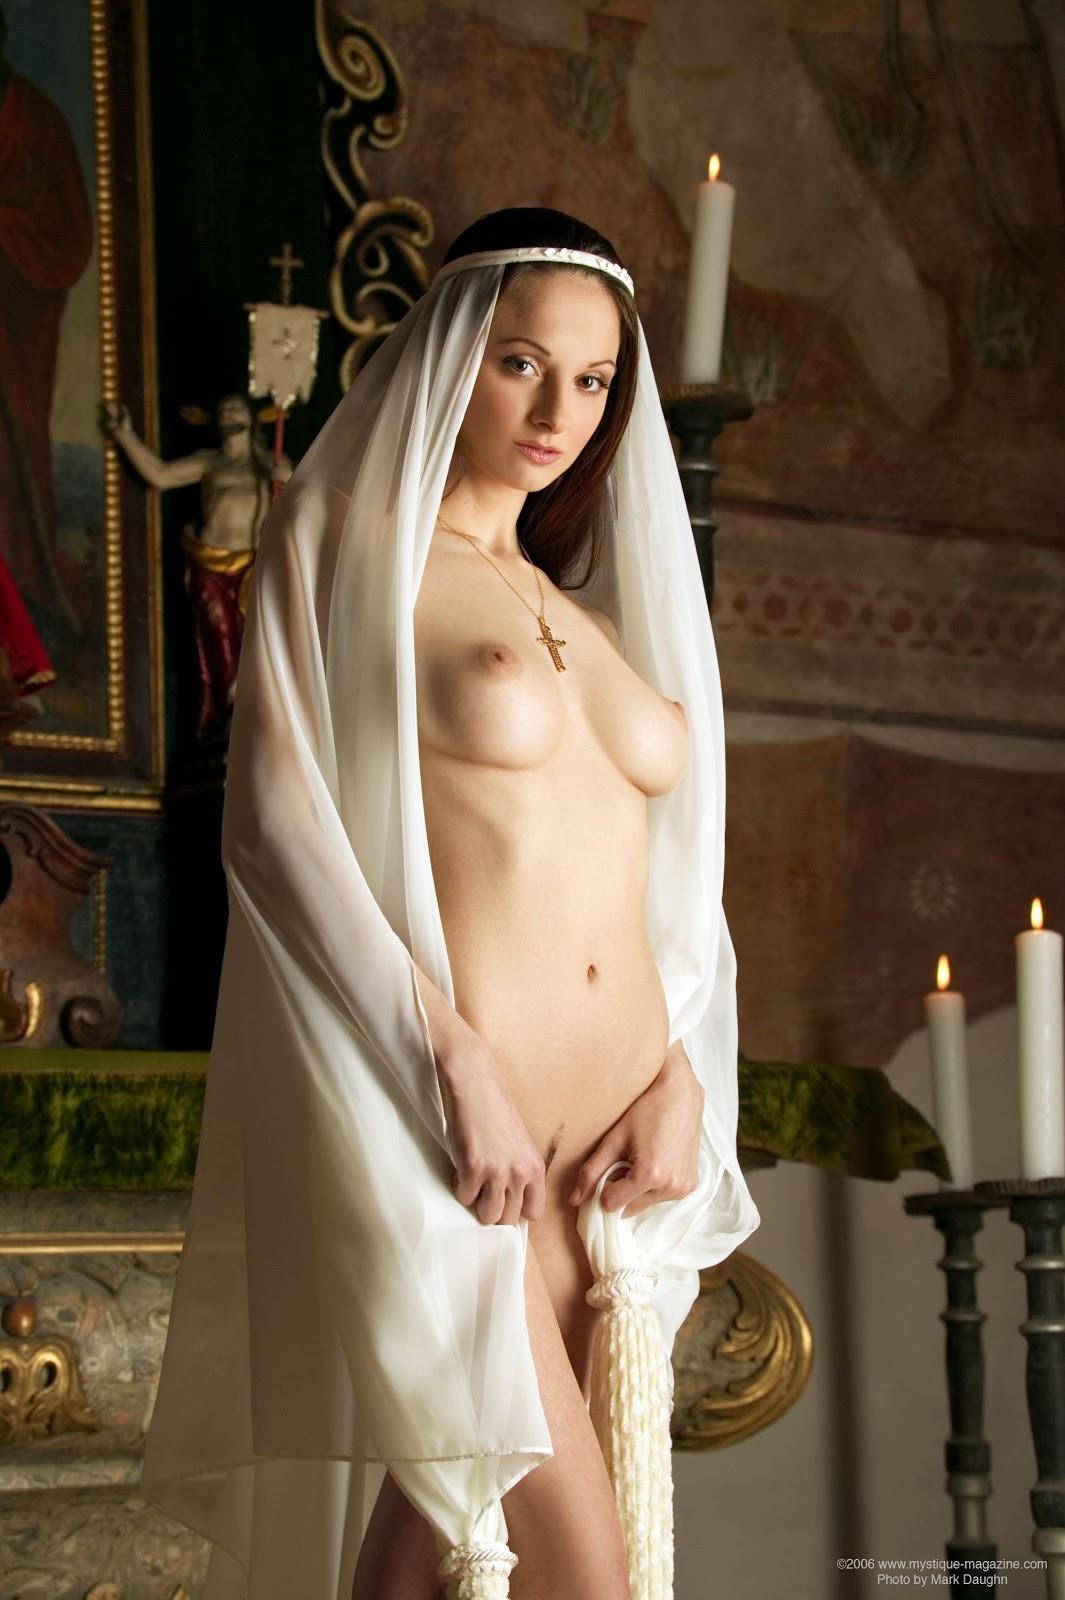 Religious tits